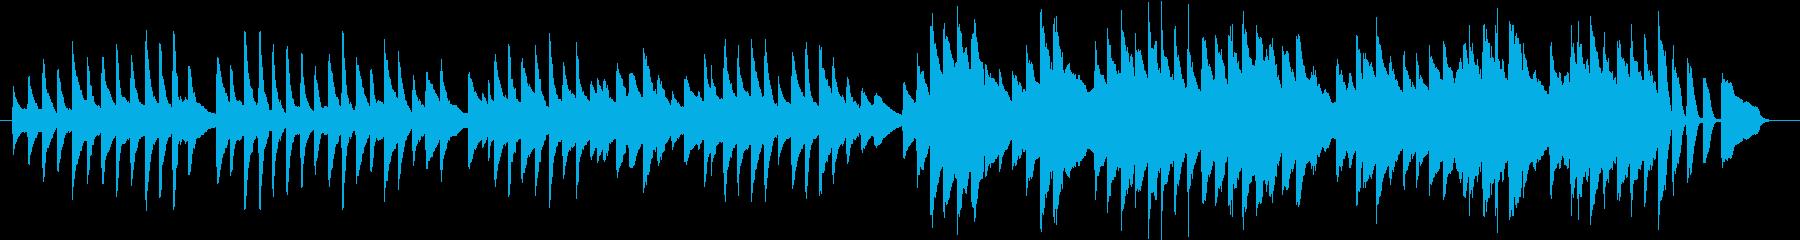 アルプス一万尺(ピアノカバー)の再生済みの波形